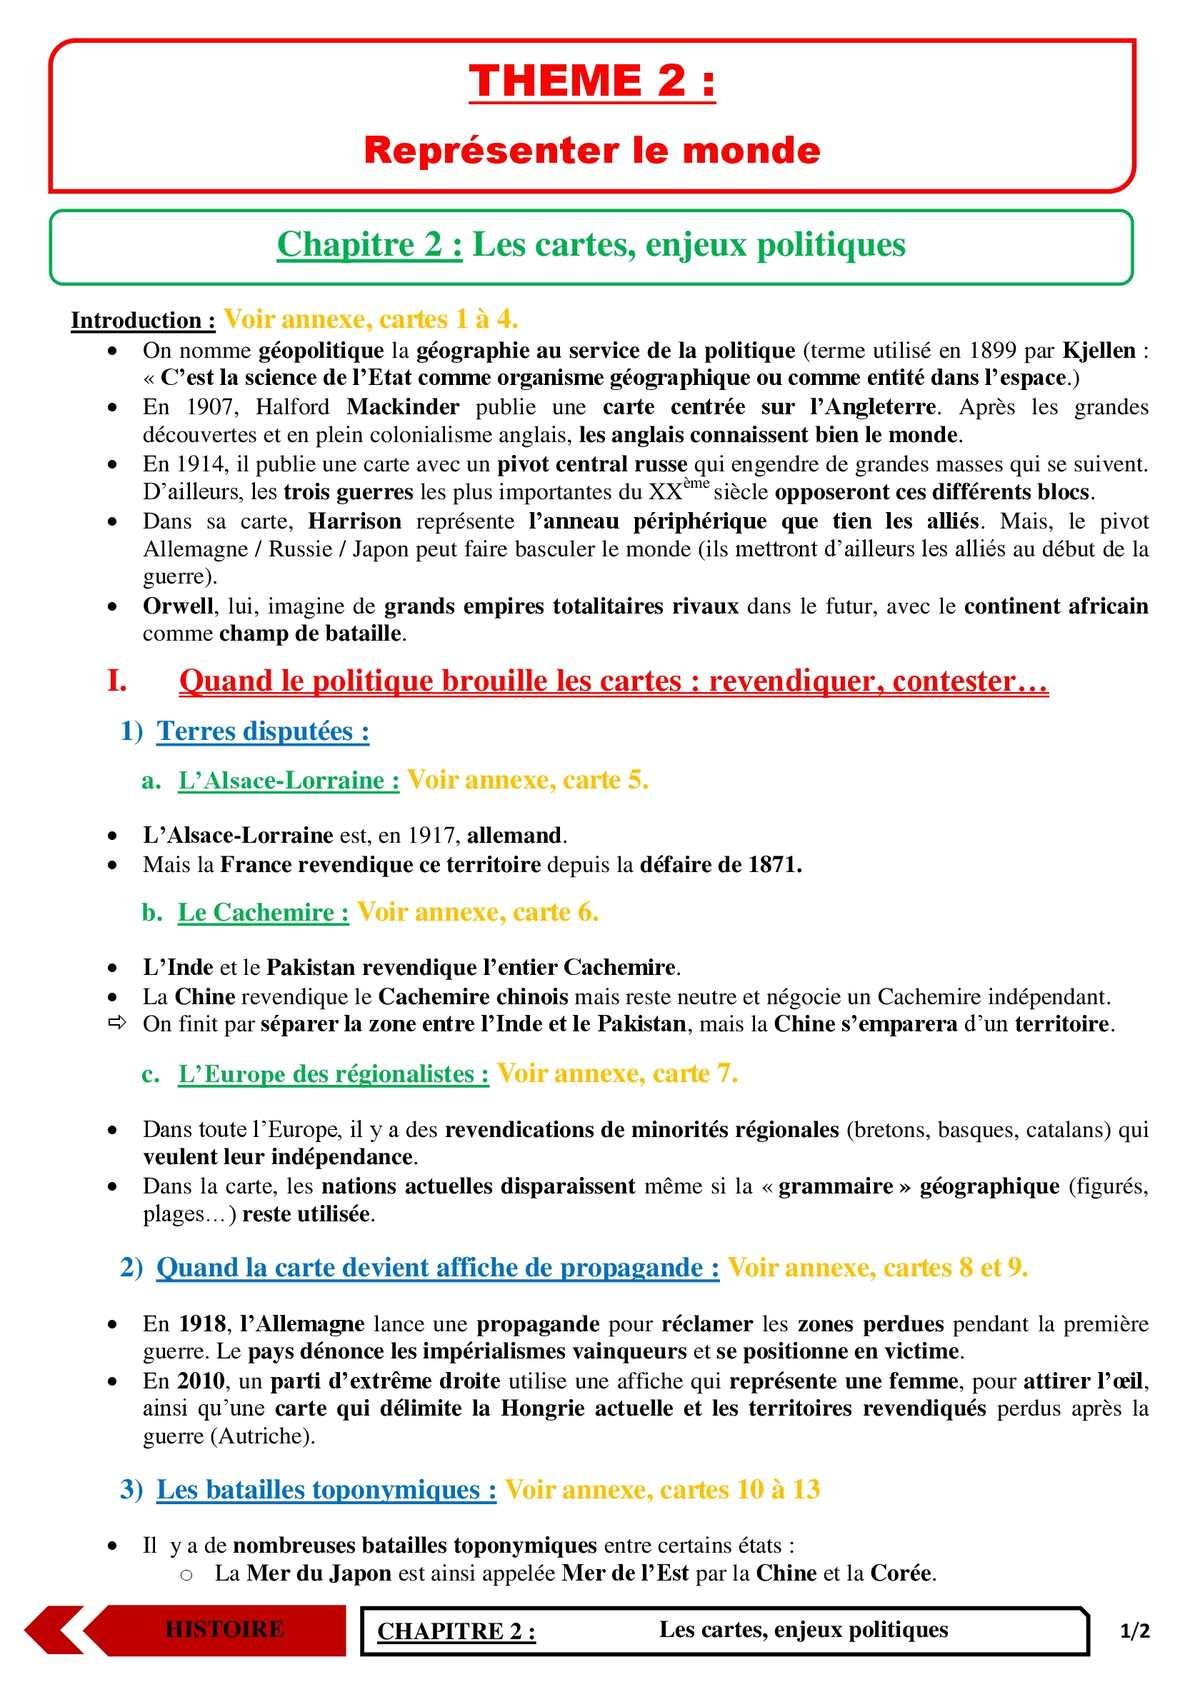 TS - HISTOIRE-GEOGRAPHIE - Chapitre 4 | JéSky.fr